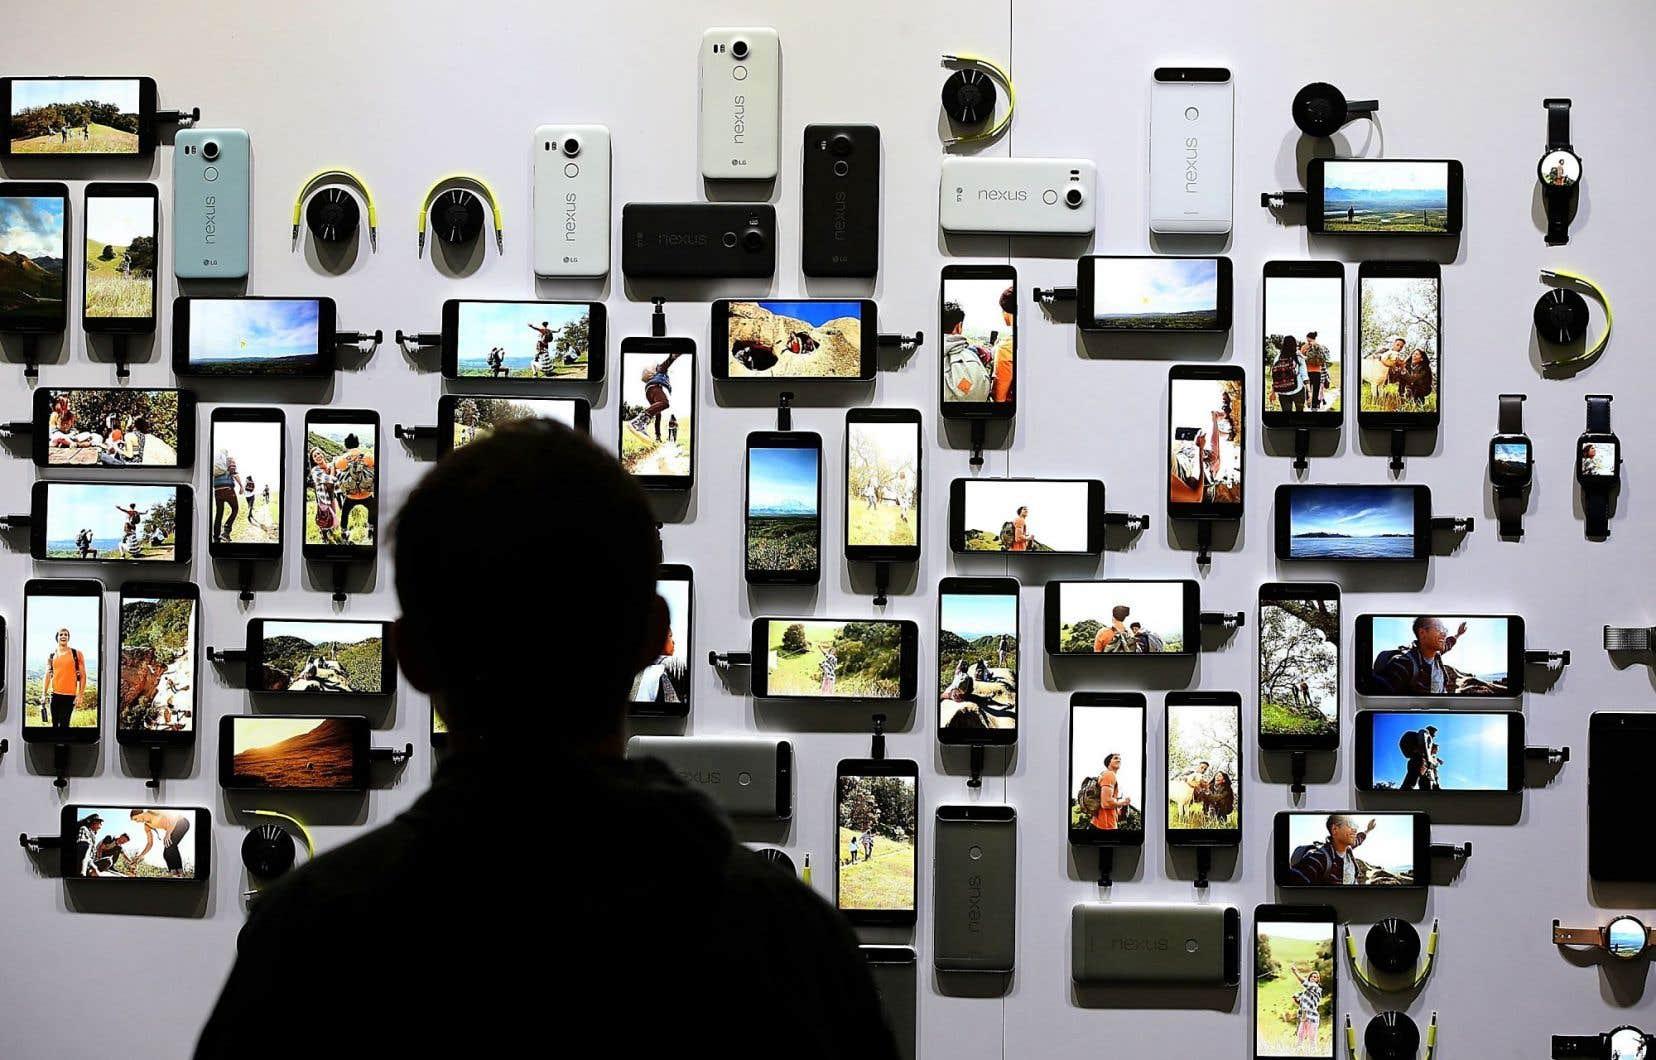 La Commission a adressé à Google une «communication des griefs» concernant le système d'exploitation et les applications Android, après une enquête ouverte en avril2015.